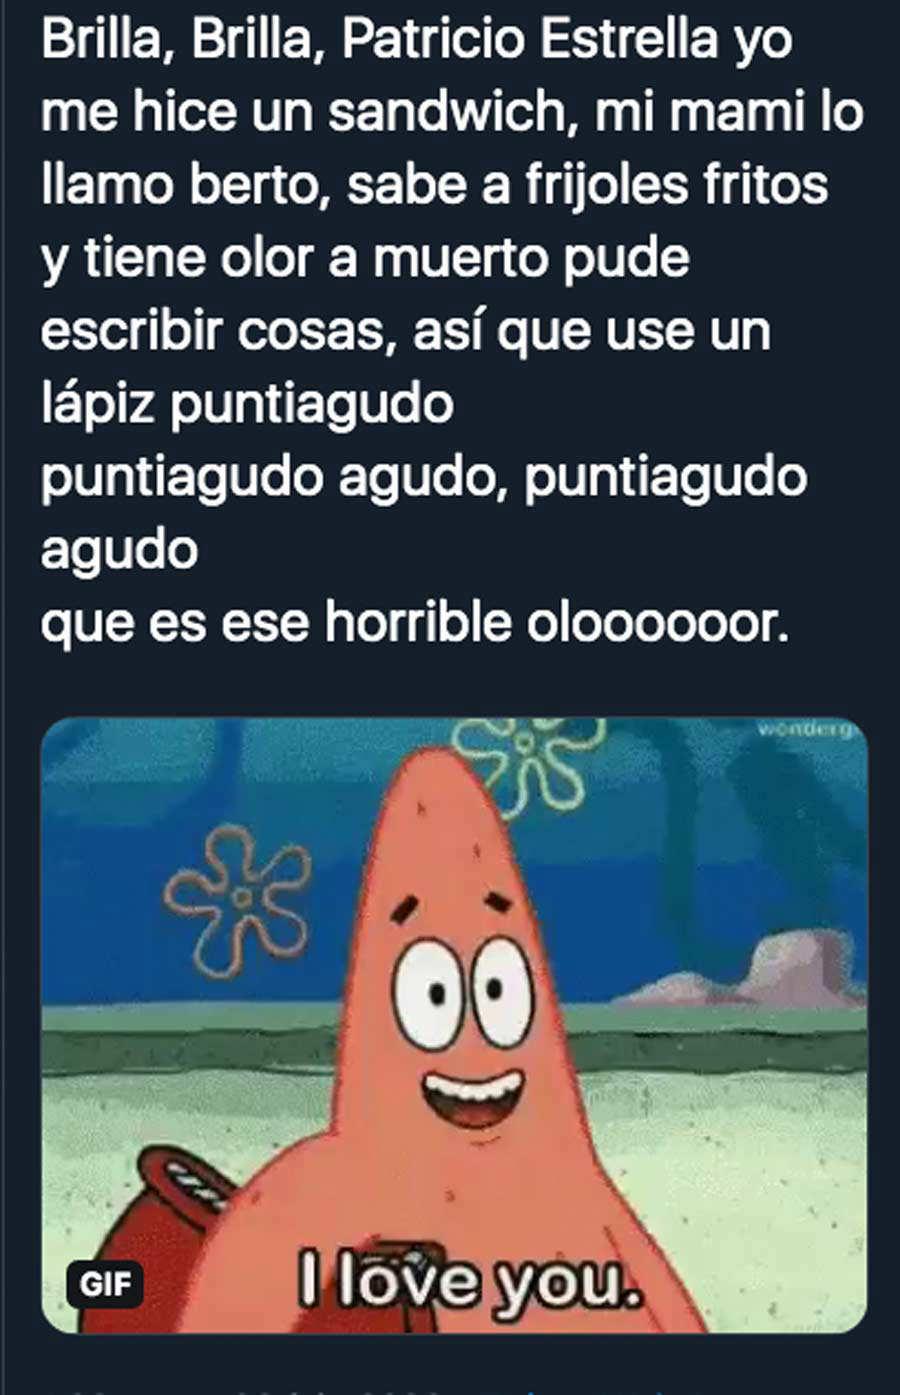 Patricio_09